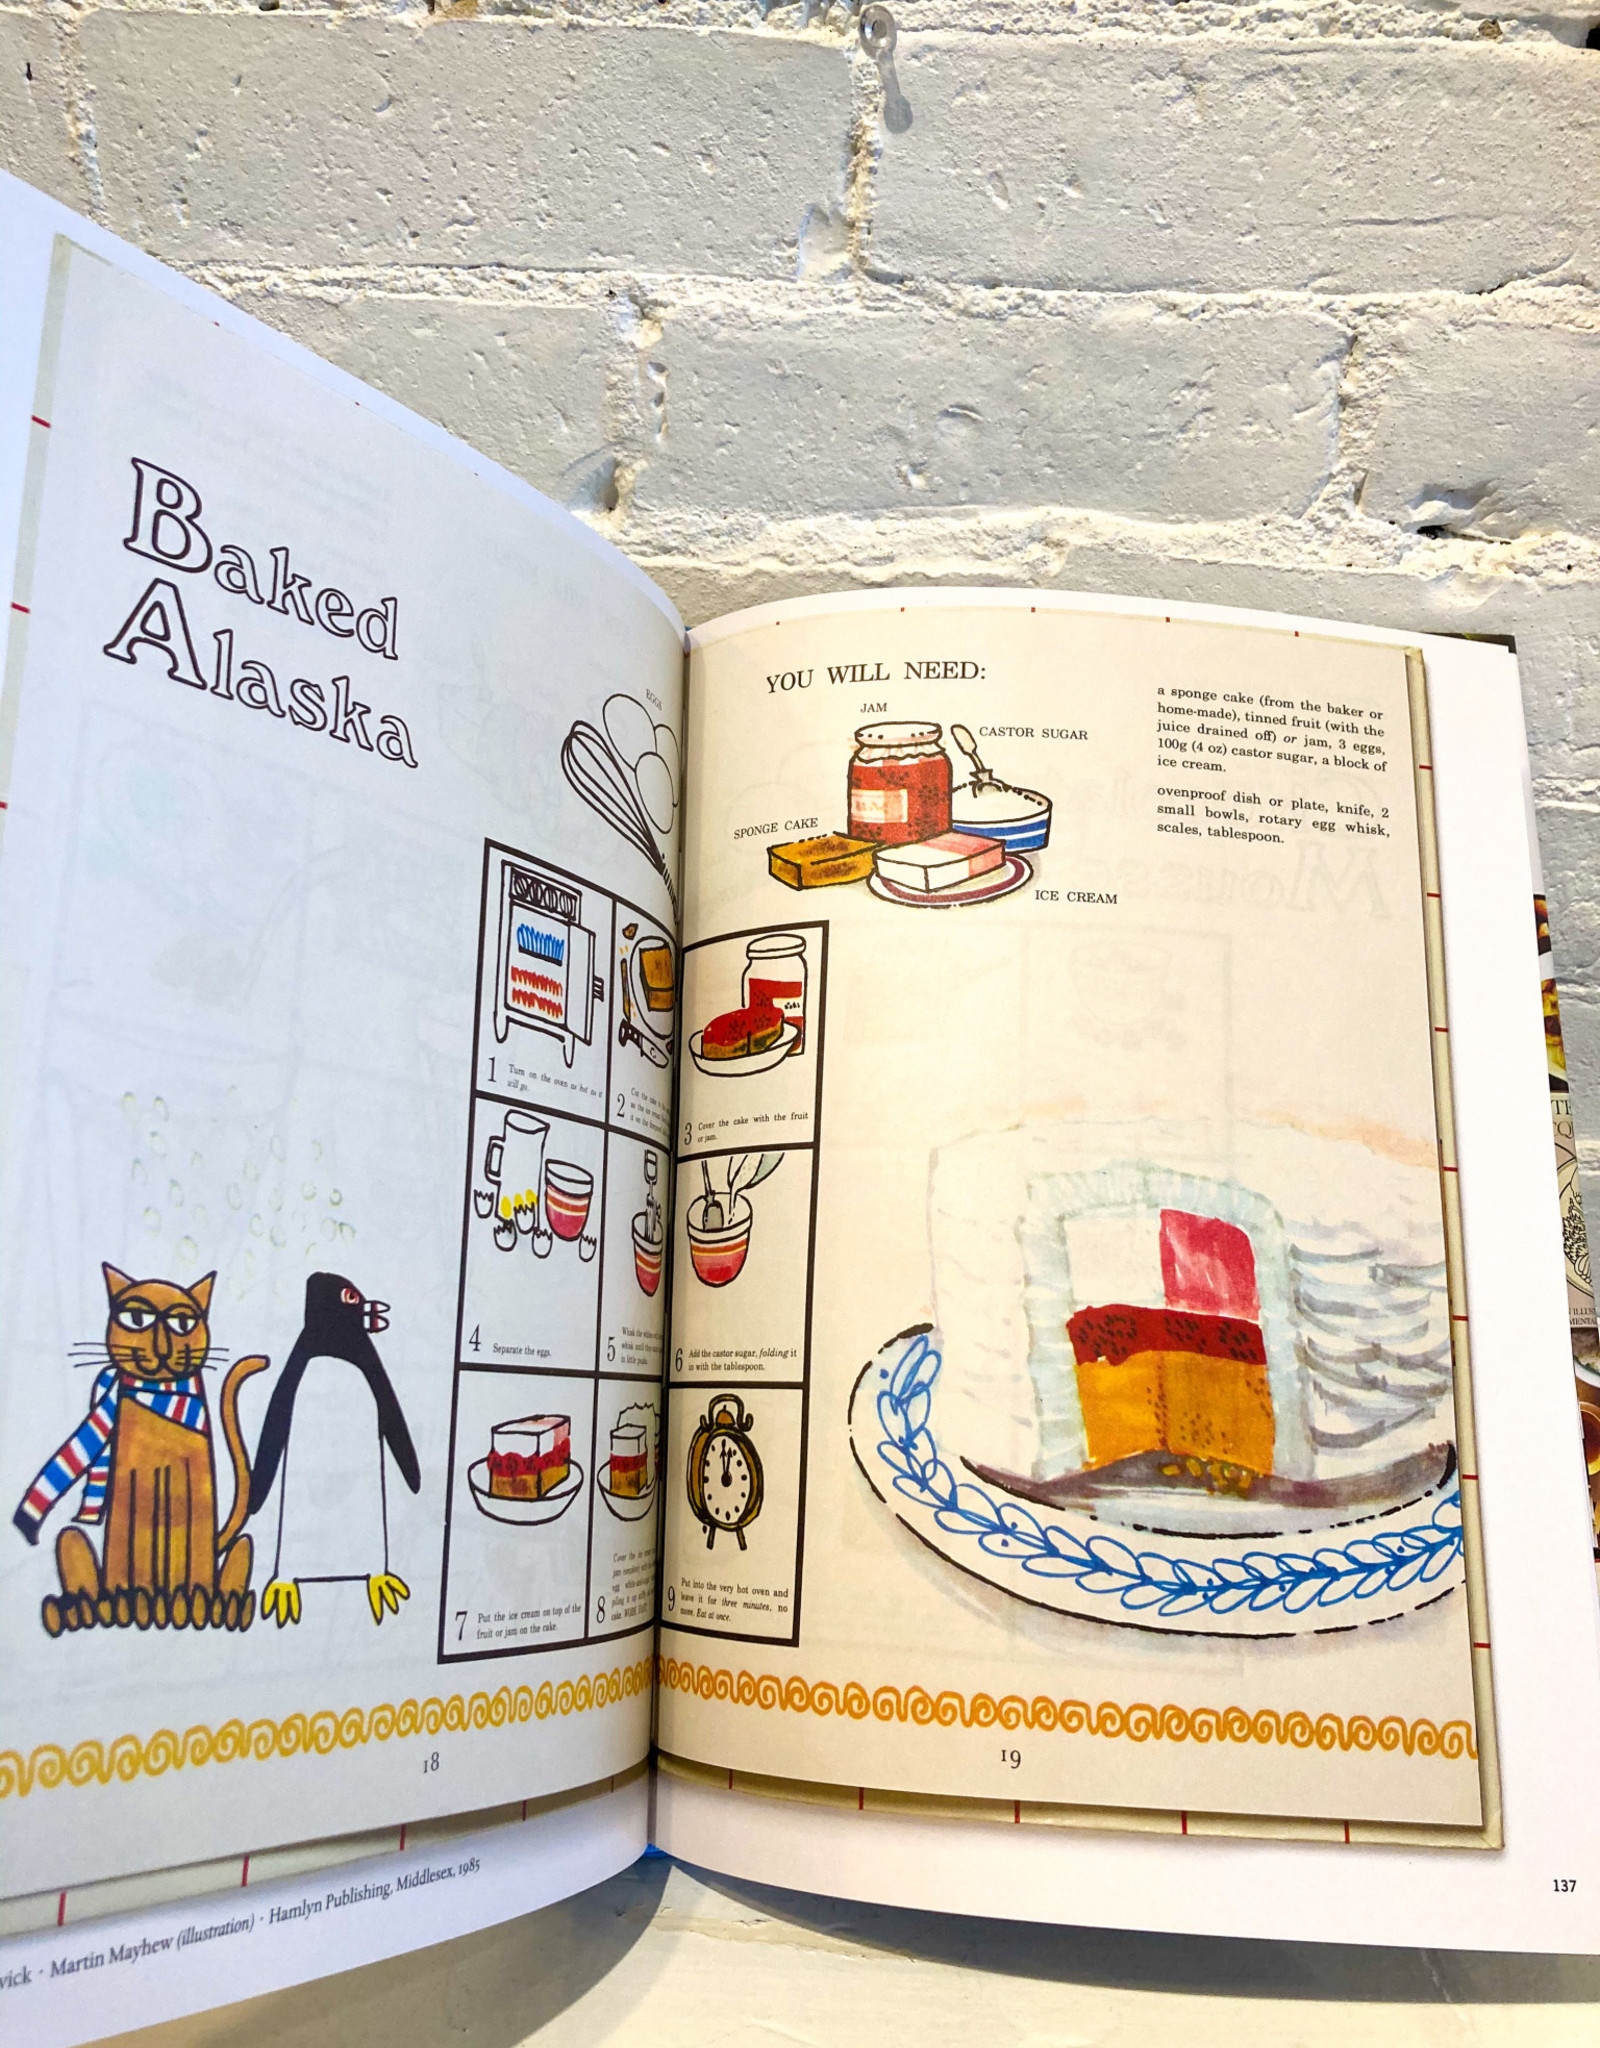 Cookbook Book by Annahita Kamali and Florian Böhm